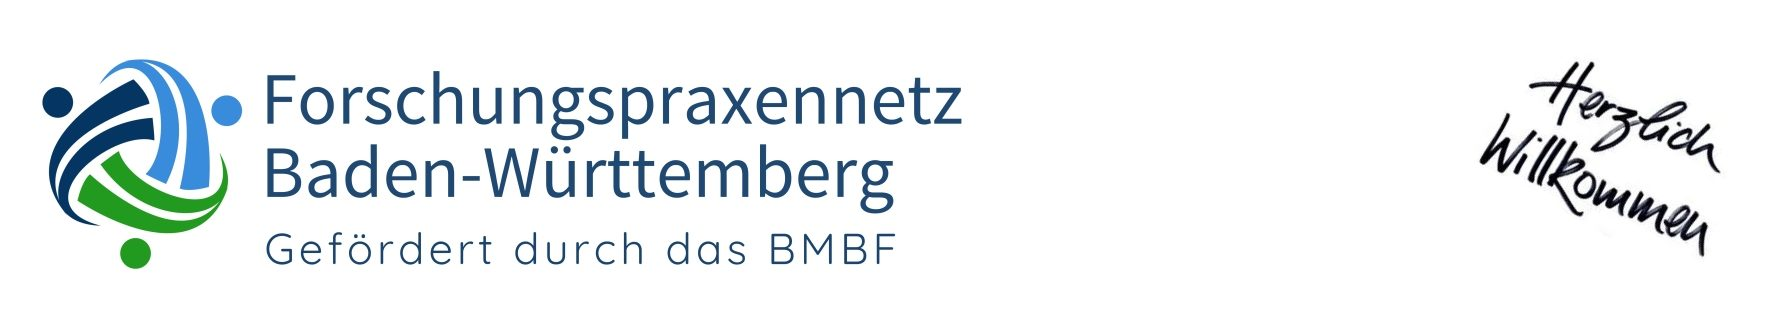 Forschungspraxennetz-Baden Württemberg